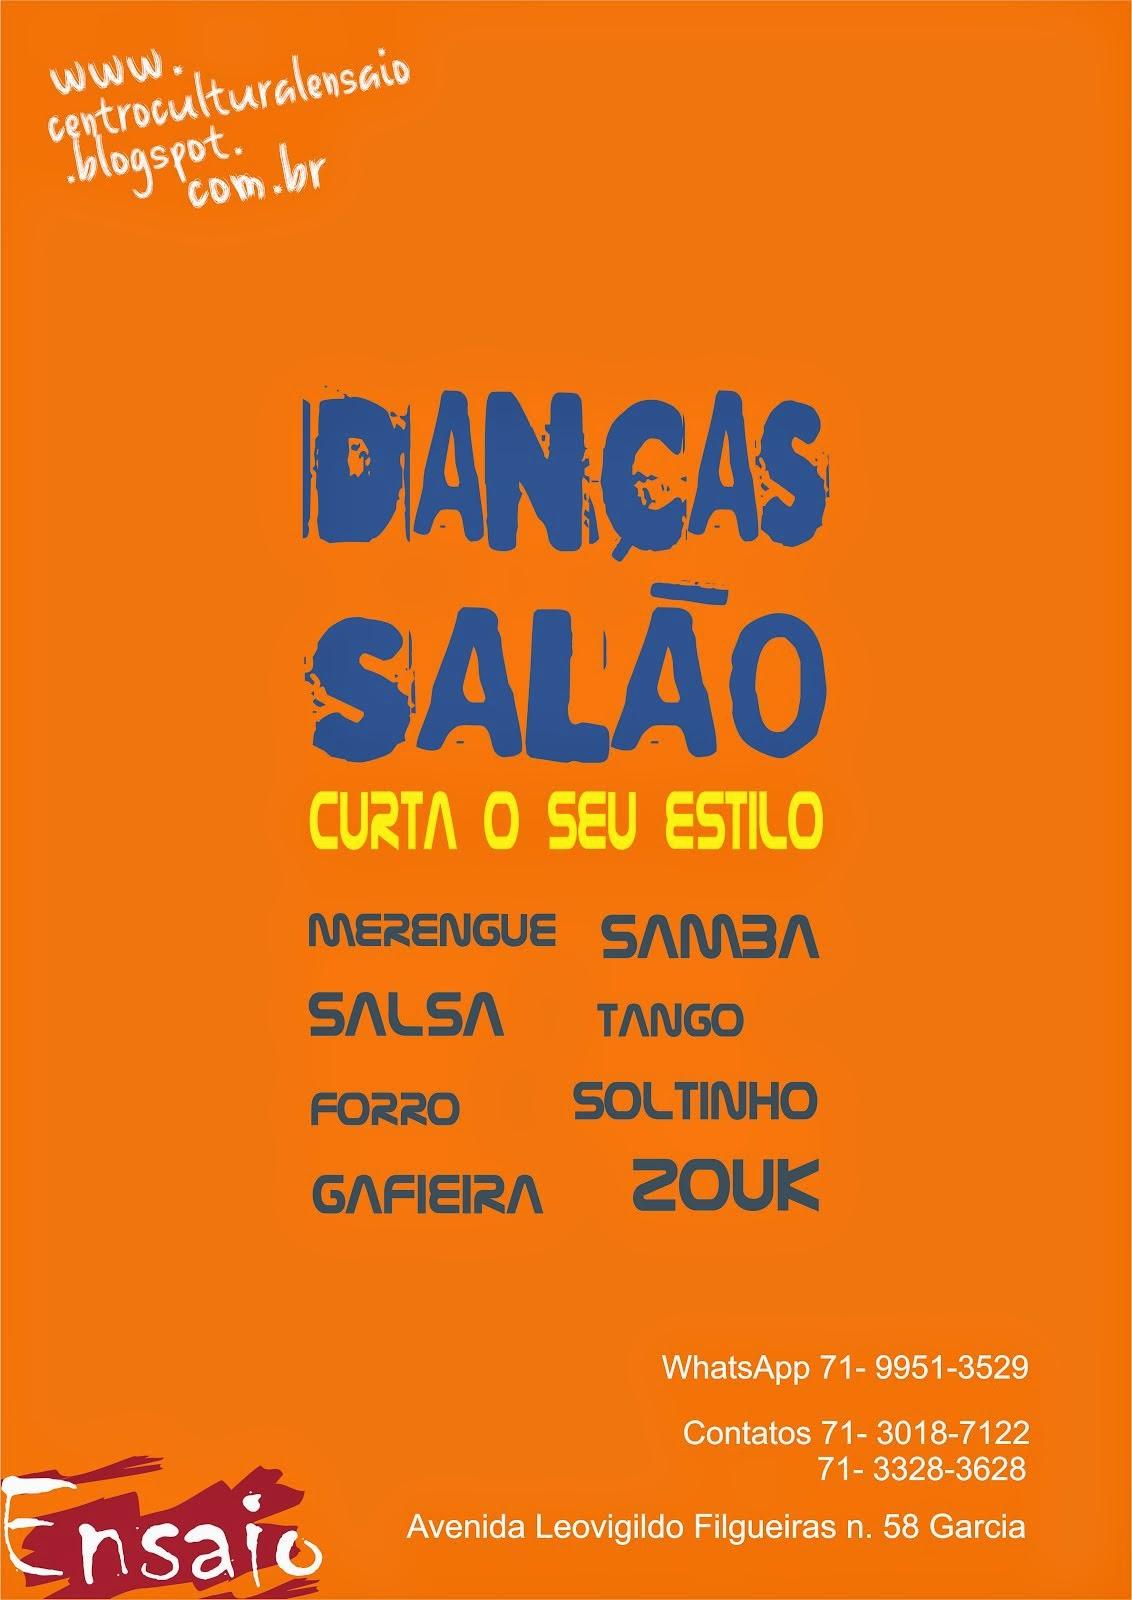 Dançar para